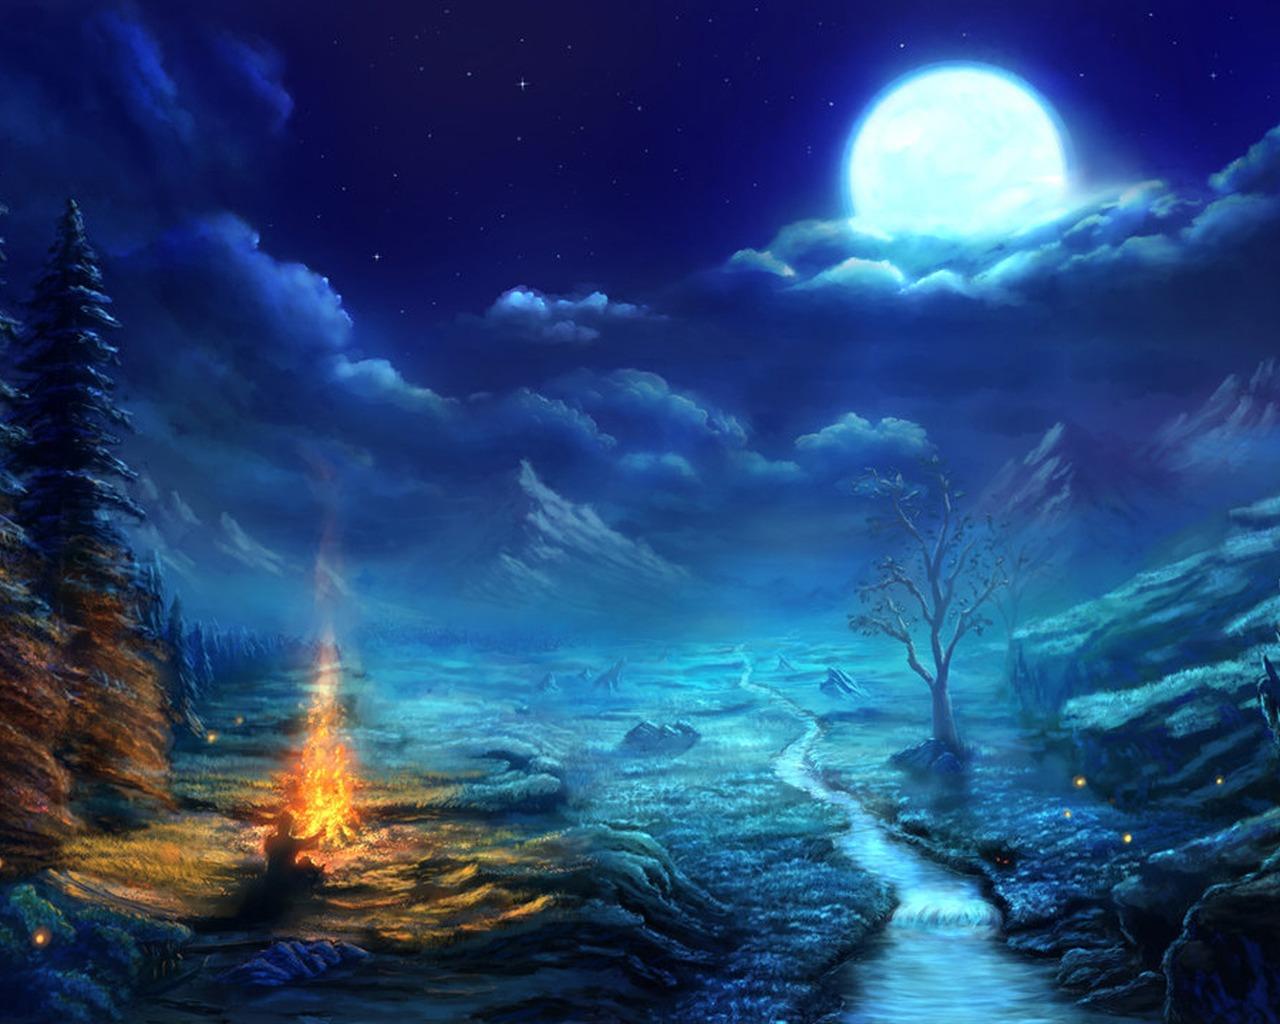 描述: 自然之夜画-高清宽屏壁纸 当前壁纸尺寸: 1280 x 1024图片